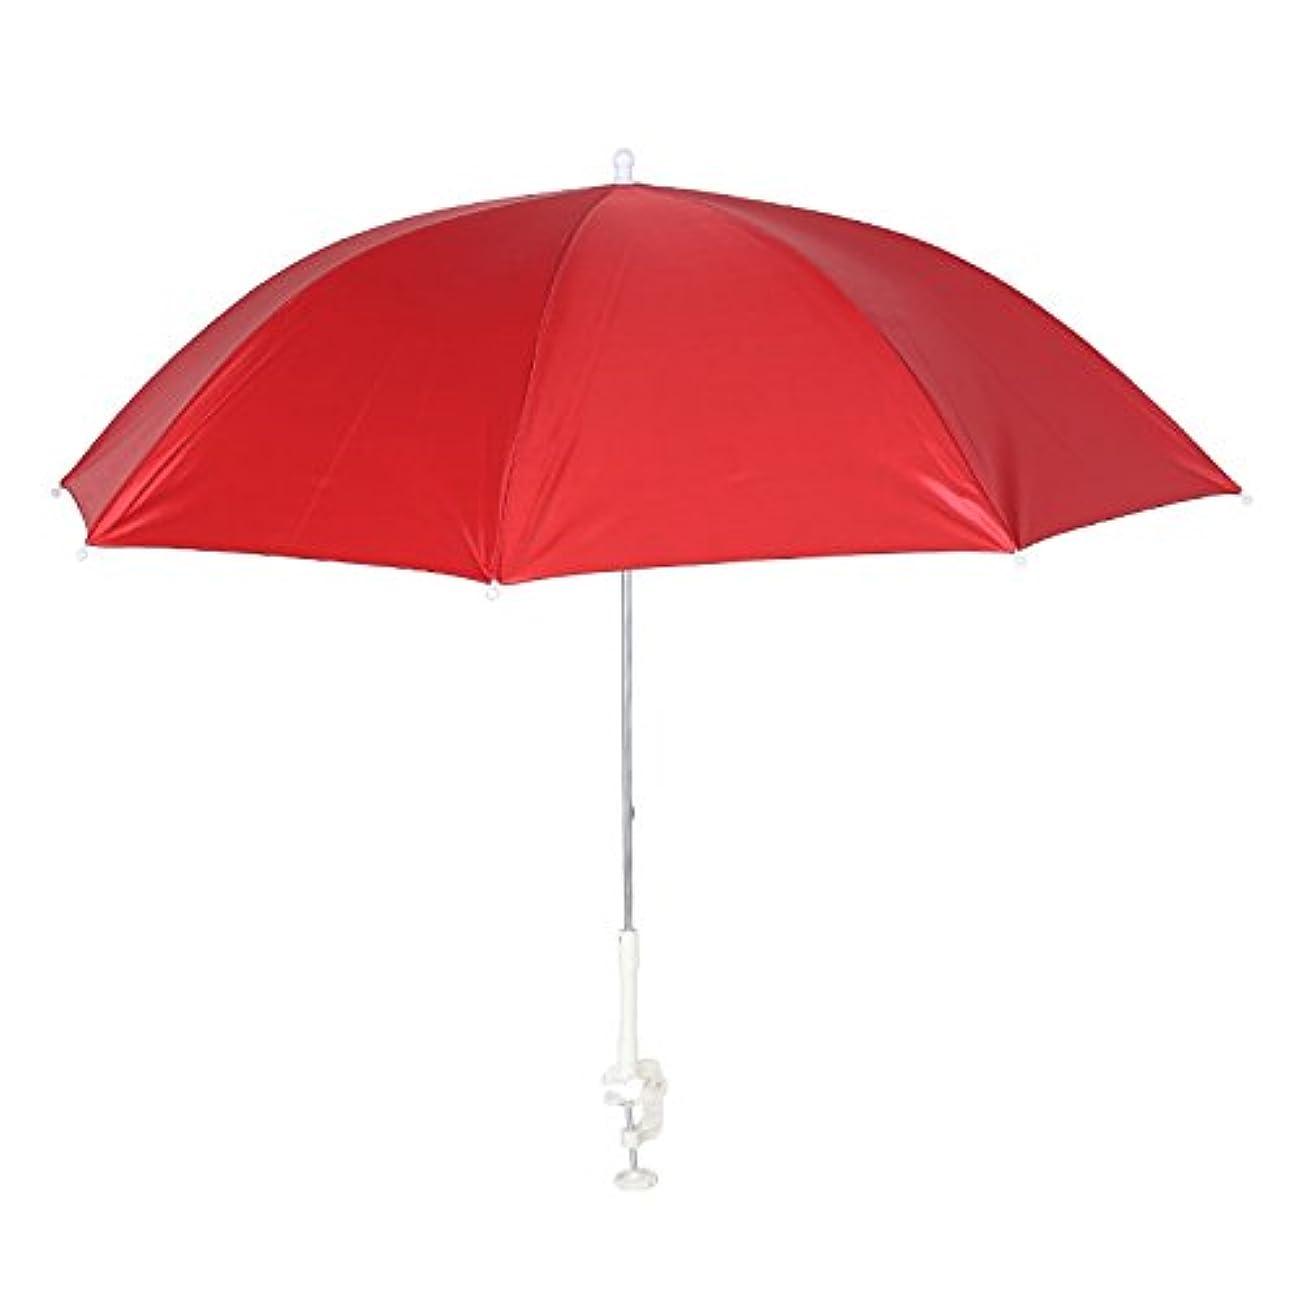 教育者ペルー止まるダルトン Clamp umbrella 日除けパラソル 喫煙スペース 屋外収納などに H855-948 Red